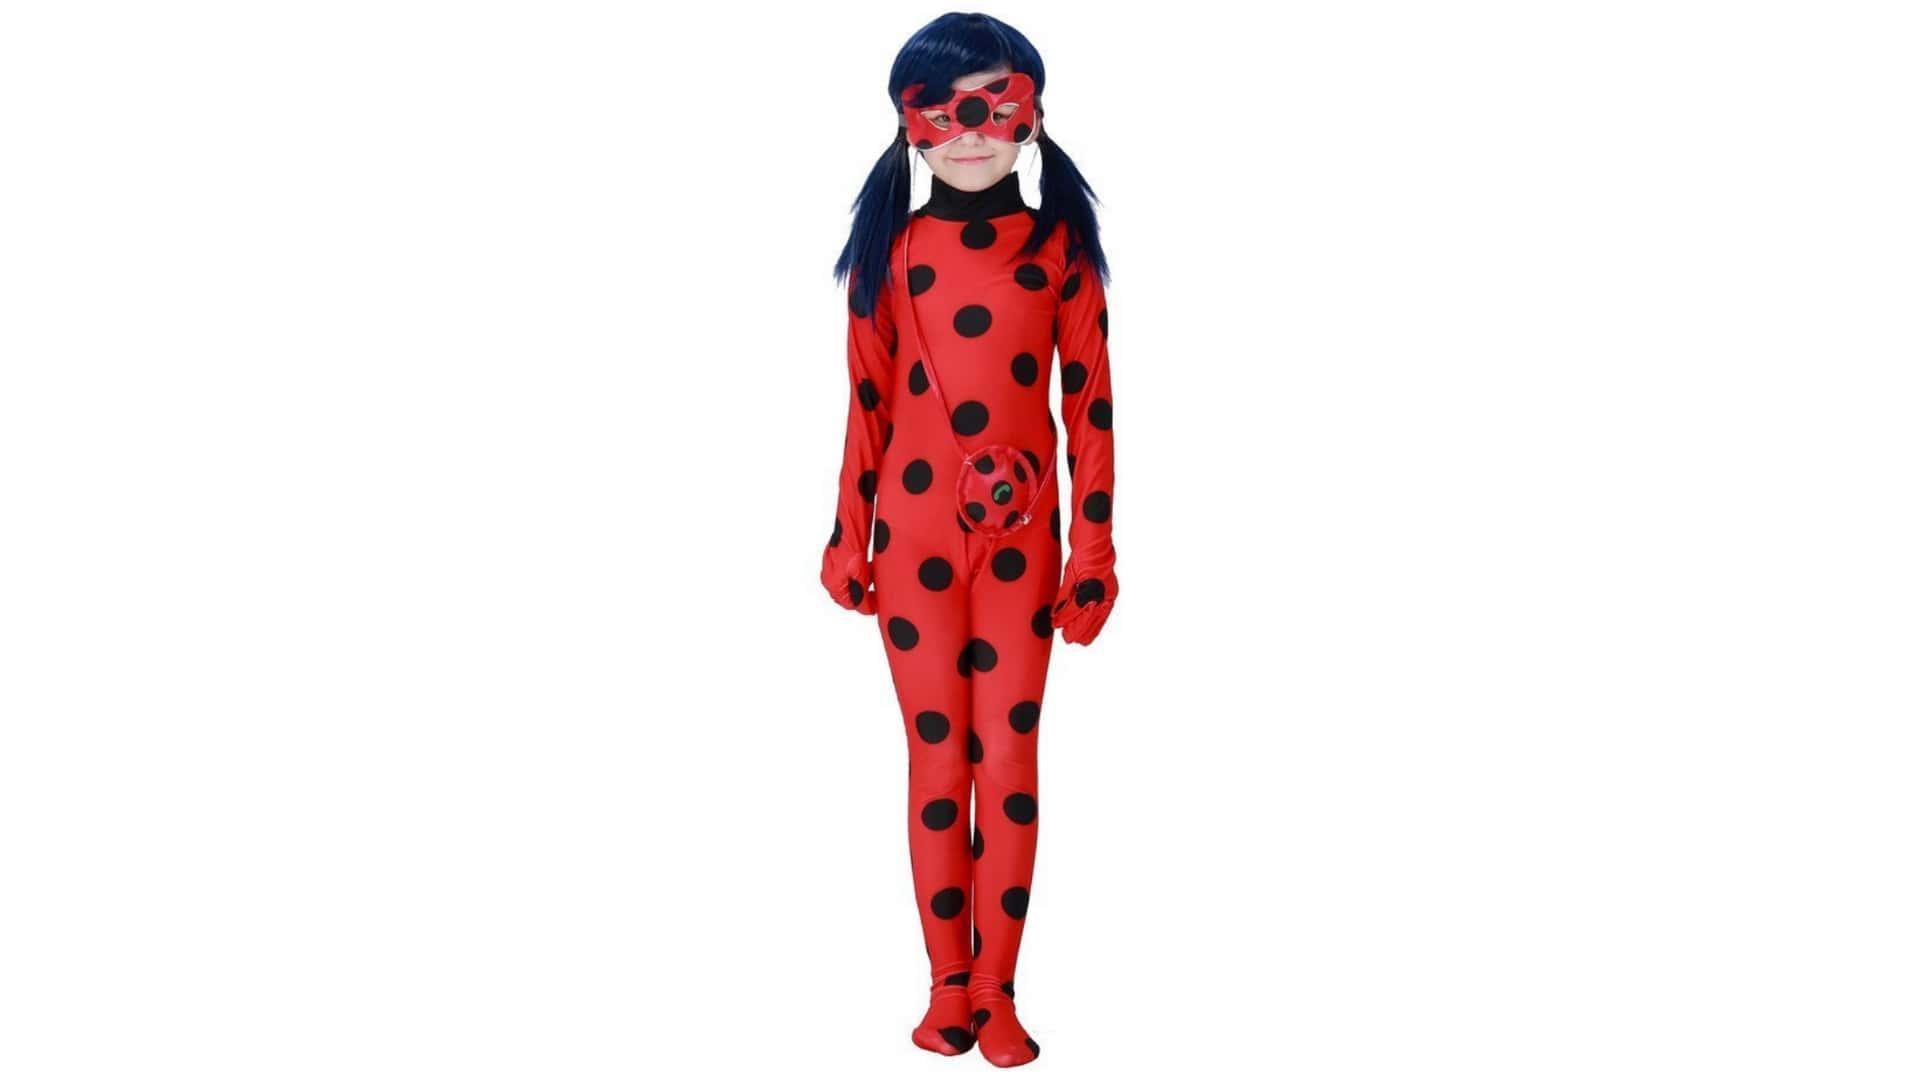 Ladybug Kostüm